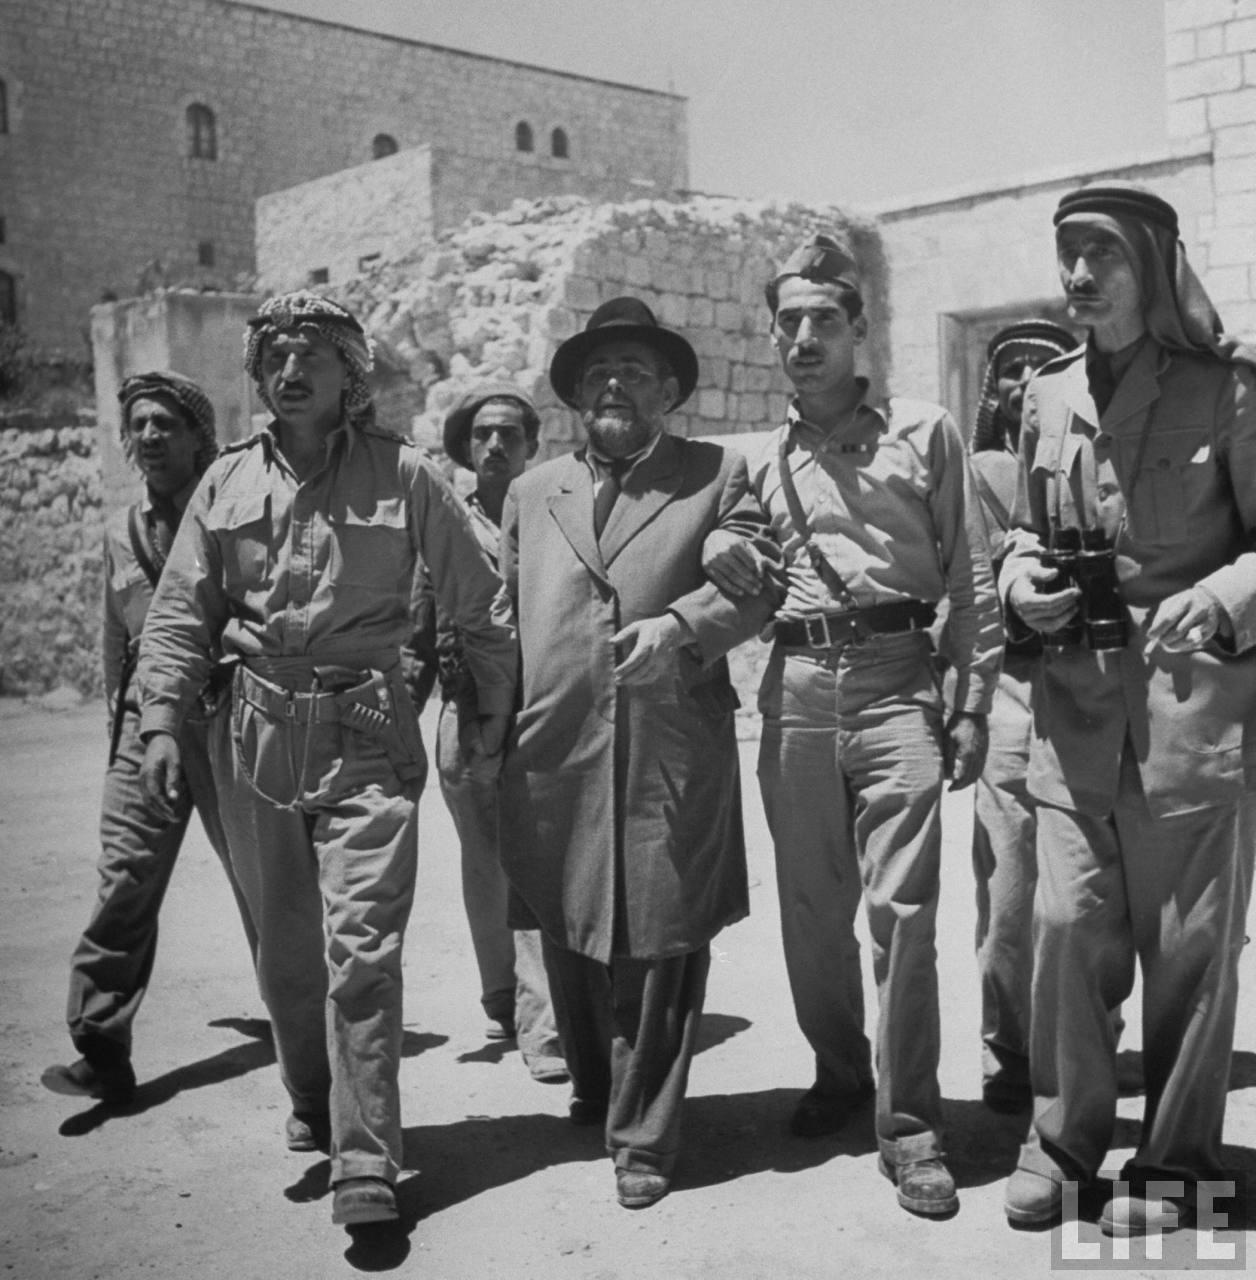 Мэр еврейского квартала «Муктар» Вайнгартен сопровождается арабскими солдатами в штаб-квартиру арабского легиона. Иерусалим. Июнь